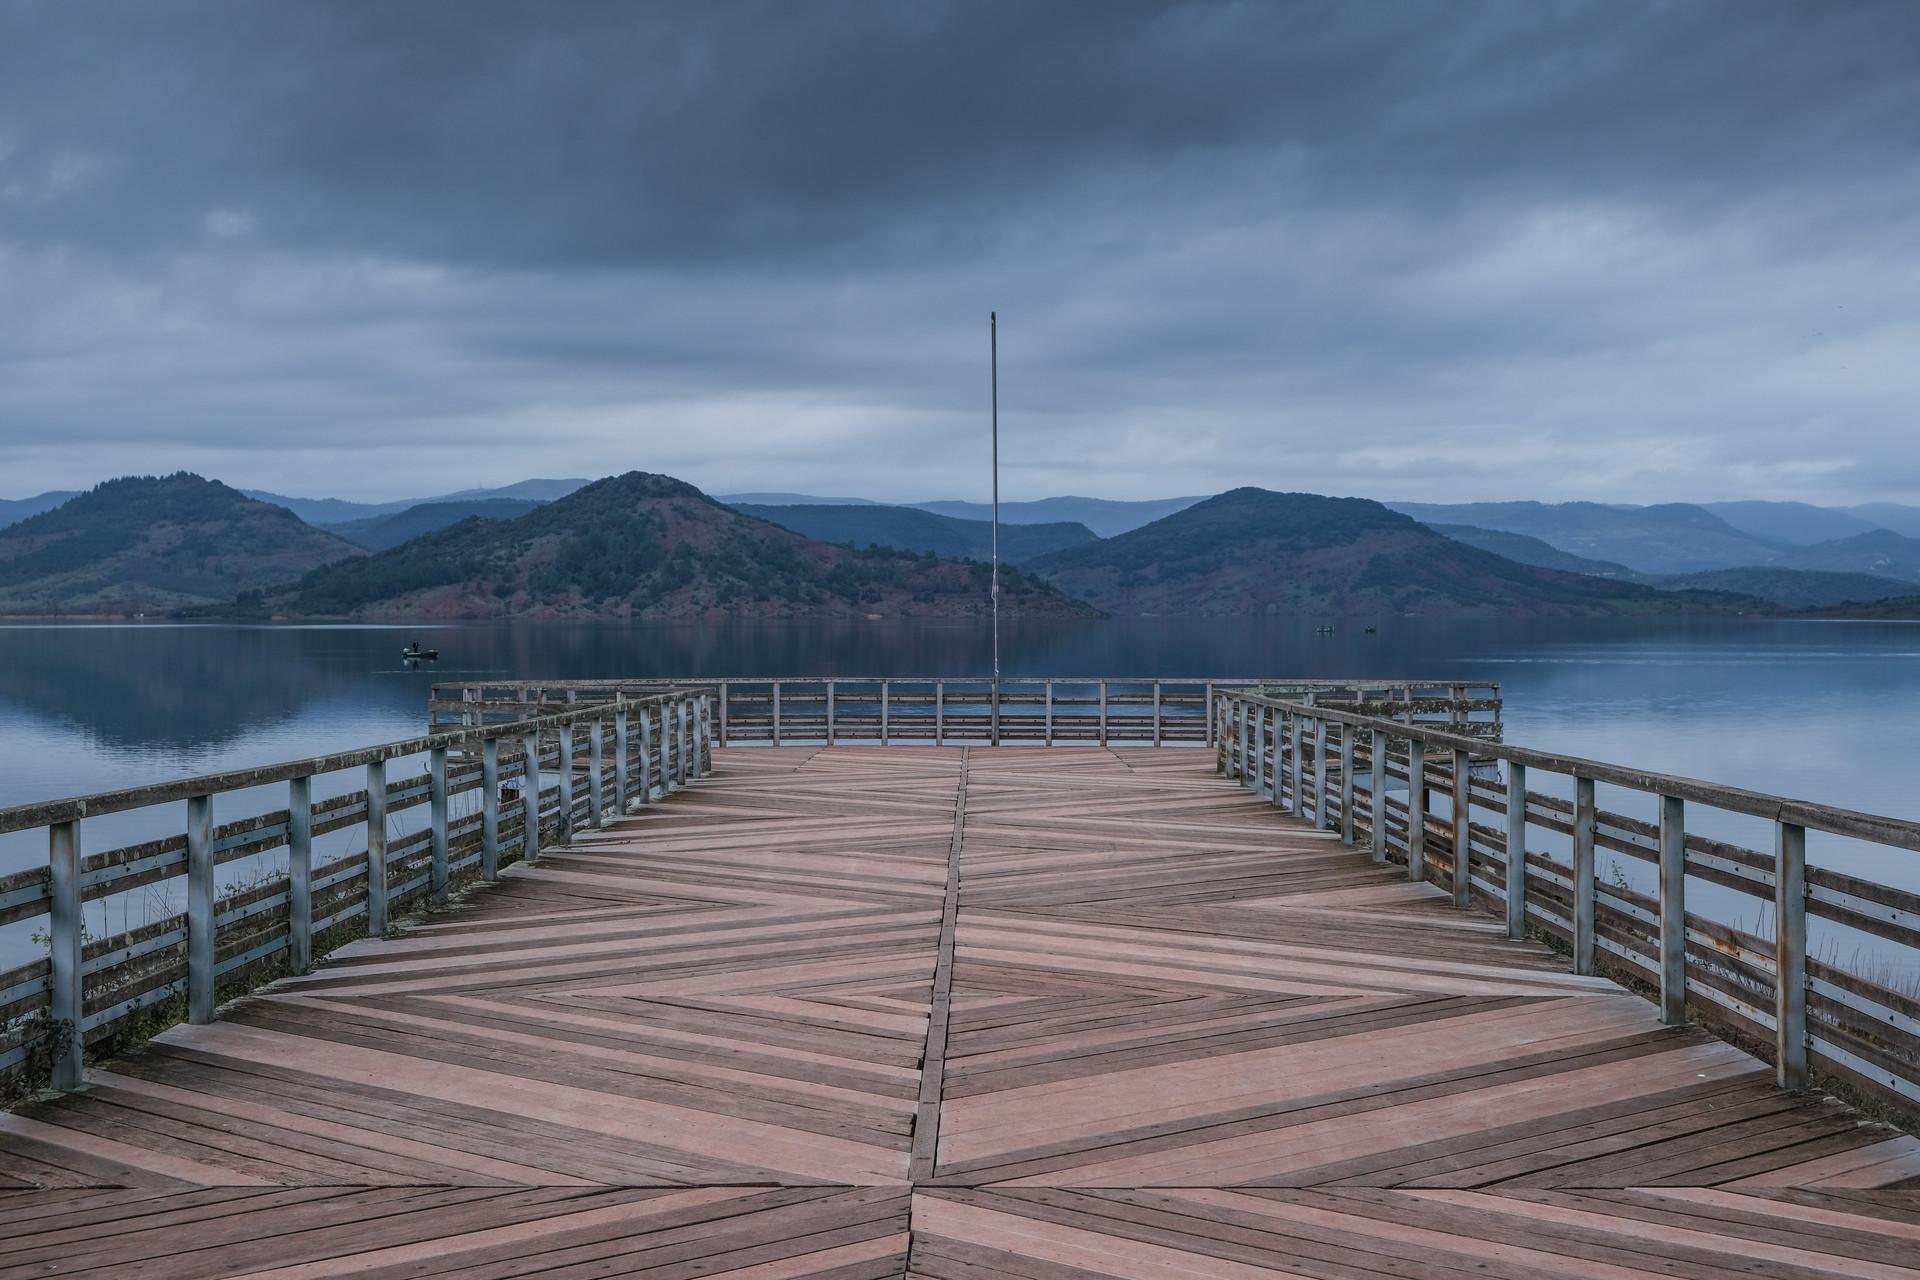 La jetée, lac du Salagou, France